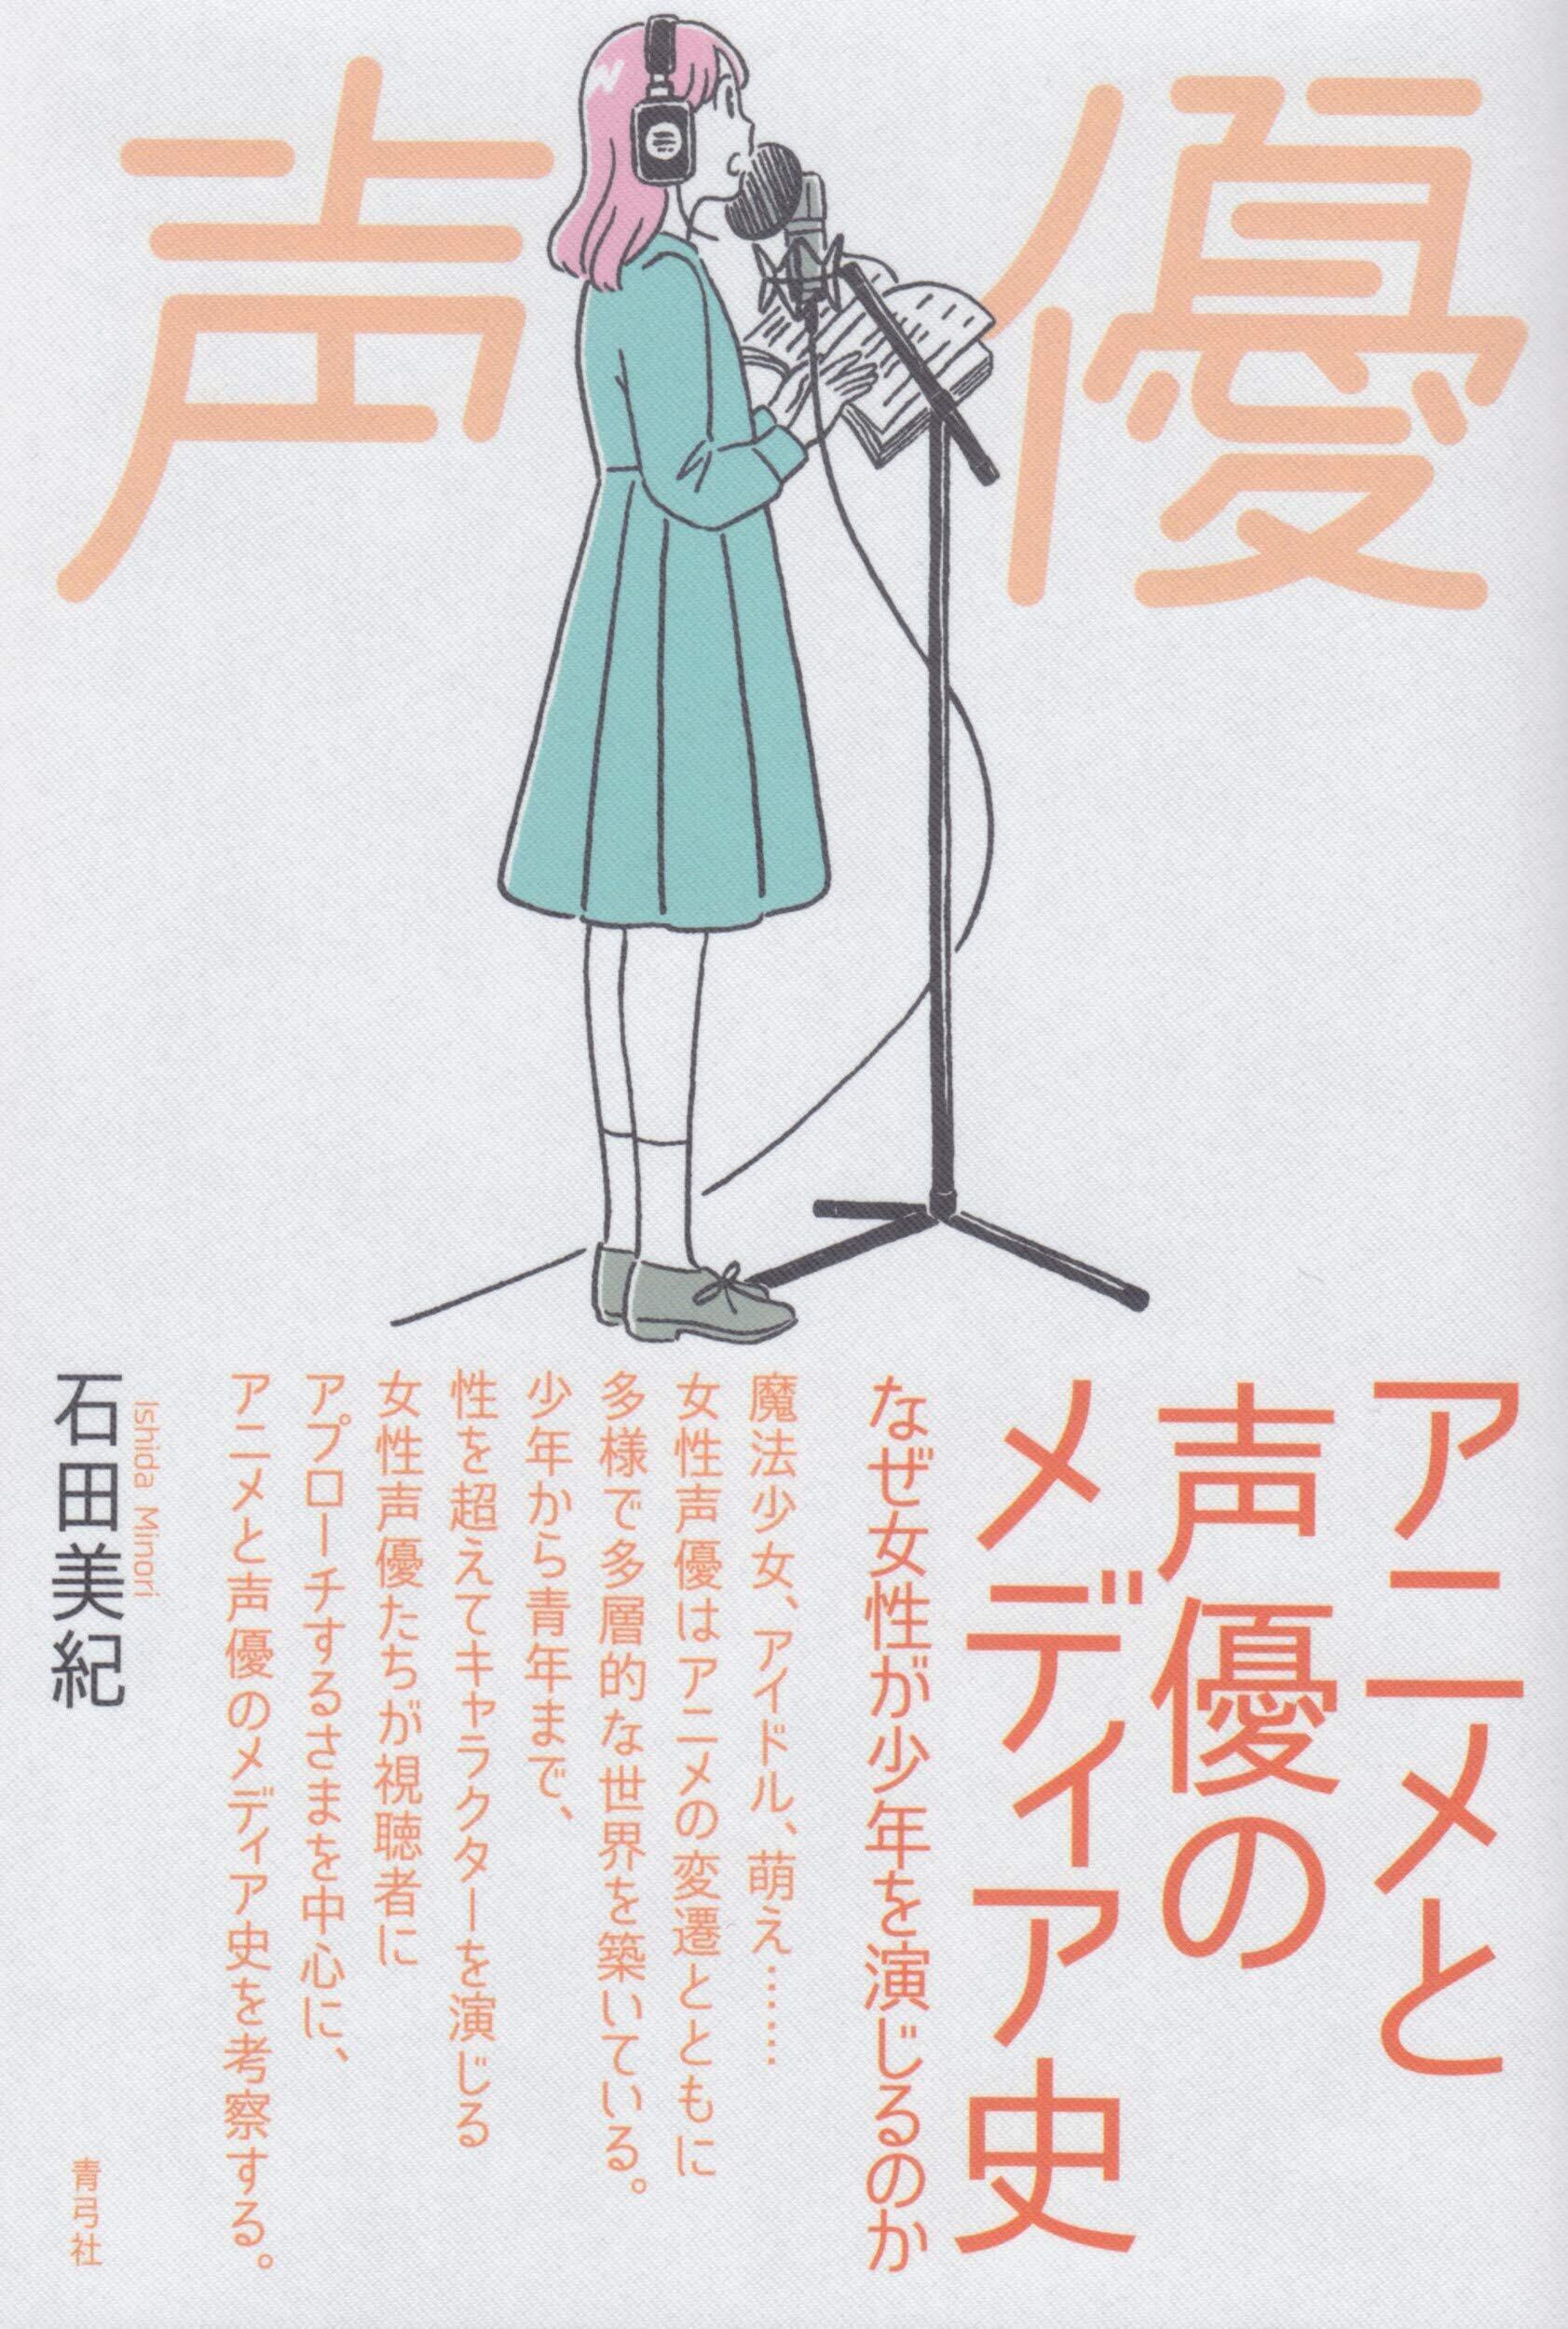 女性の声優がなぜ少年の声を 大学教授が日本アニメの「謎」に迫る